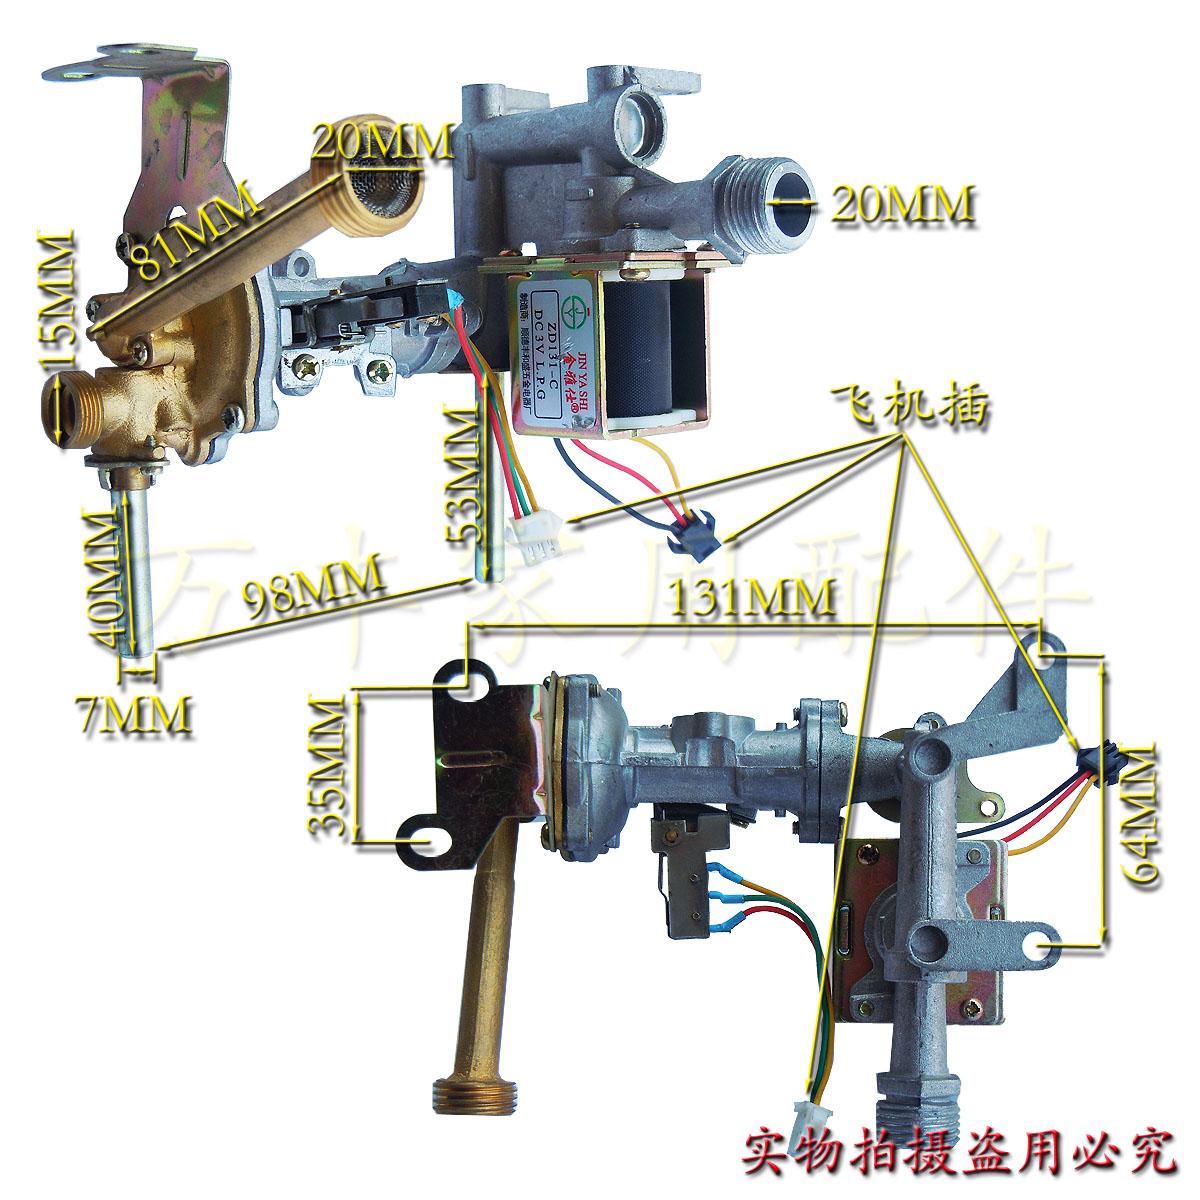 万和燃气热水器配件图片